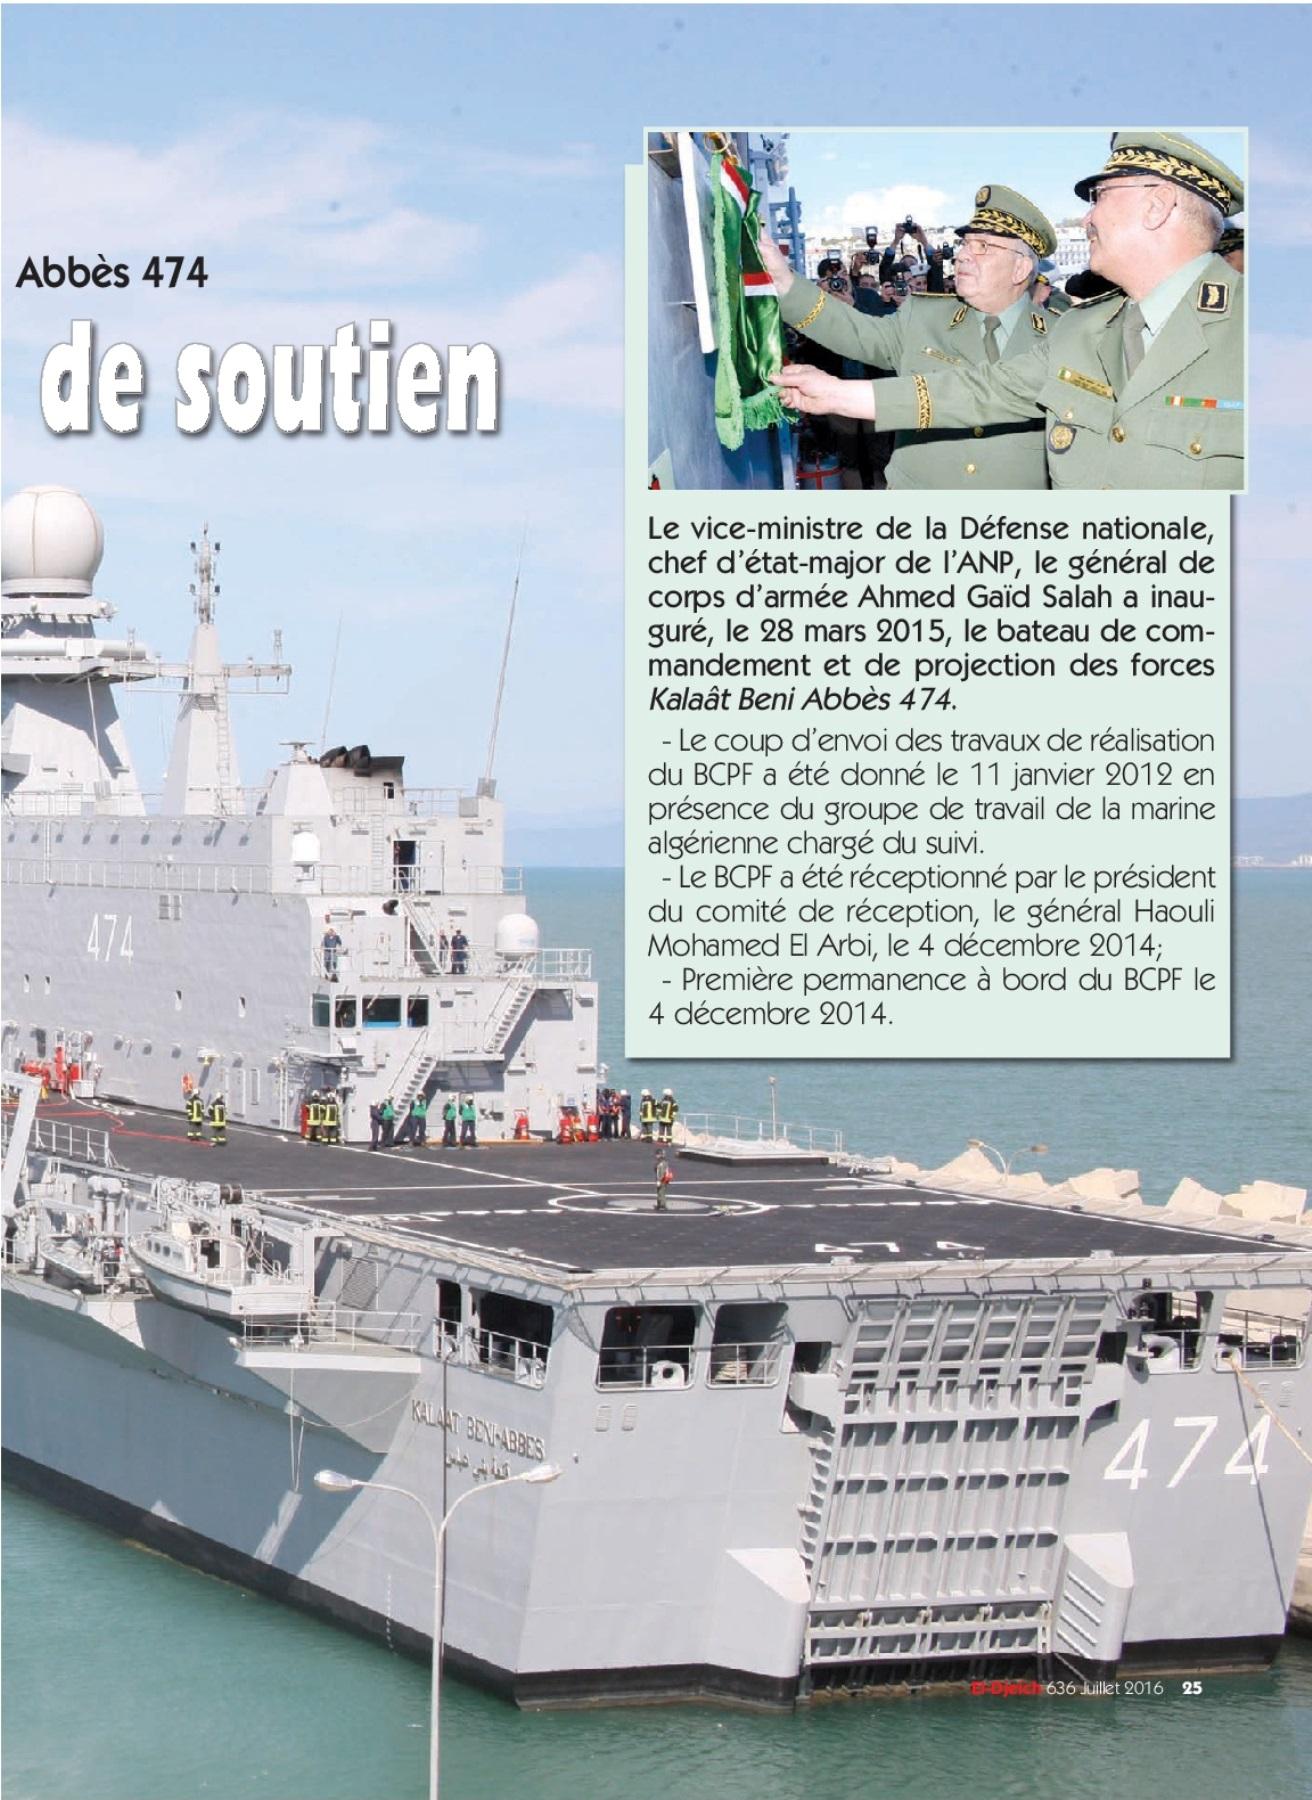 Armée Algérienne (ANP) - Tome XIV - Page 37 27736463104_29668ed32a_o